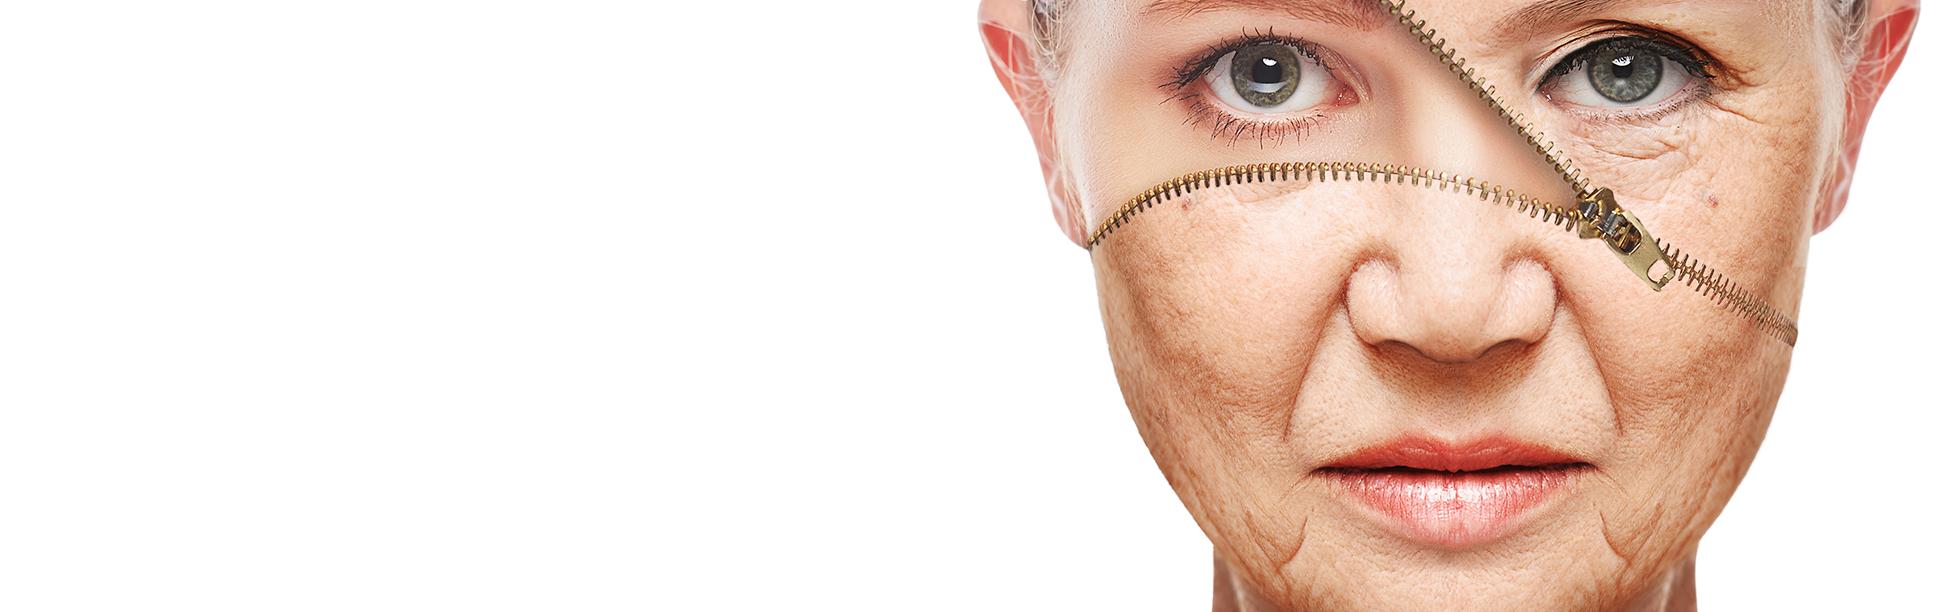 Ofertă la pachetul de rejuverare facială prin terapia anti-aging Vampir asociată cu un tratament de ștergere a ridurilor cu toxină botulinică